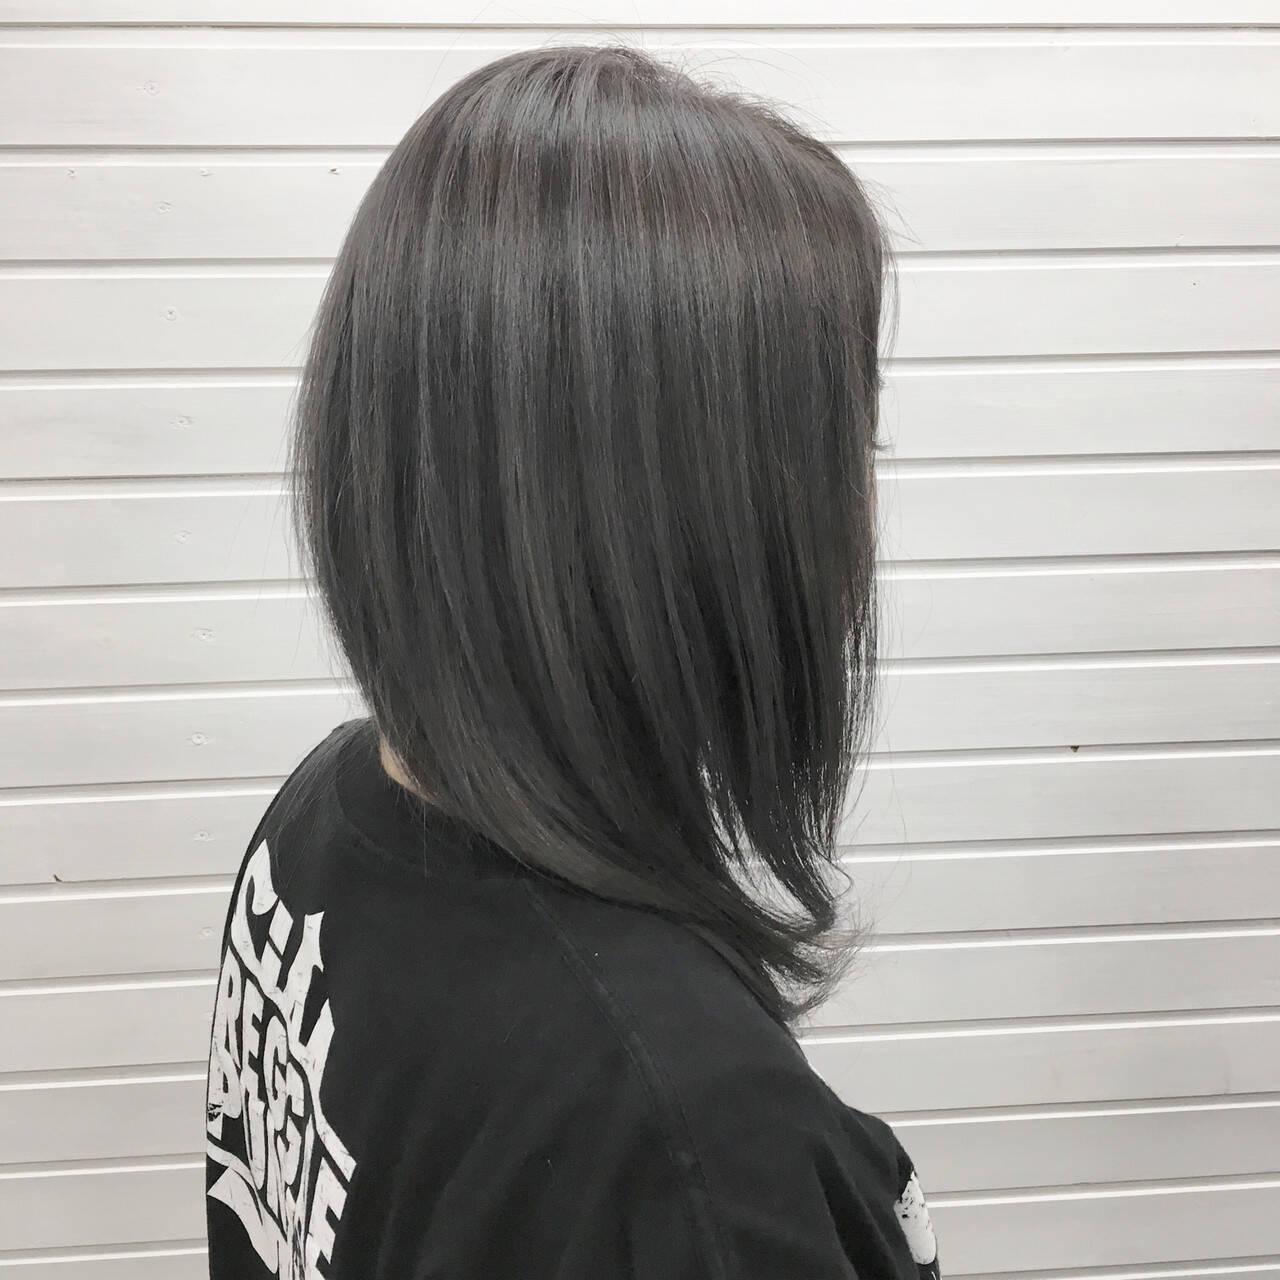 ストリート セミロング ブルーラベンダー ブルーアッシュヘアスタイルや髪型の写真・画像